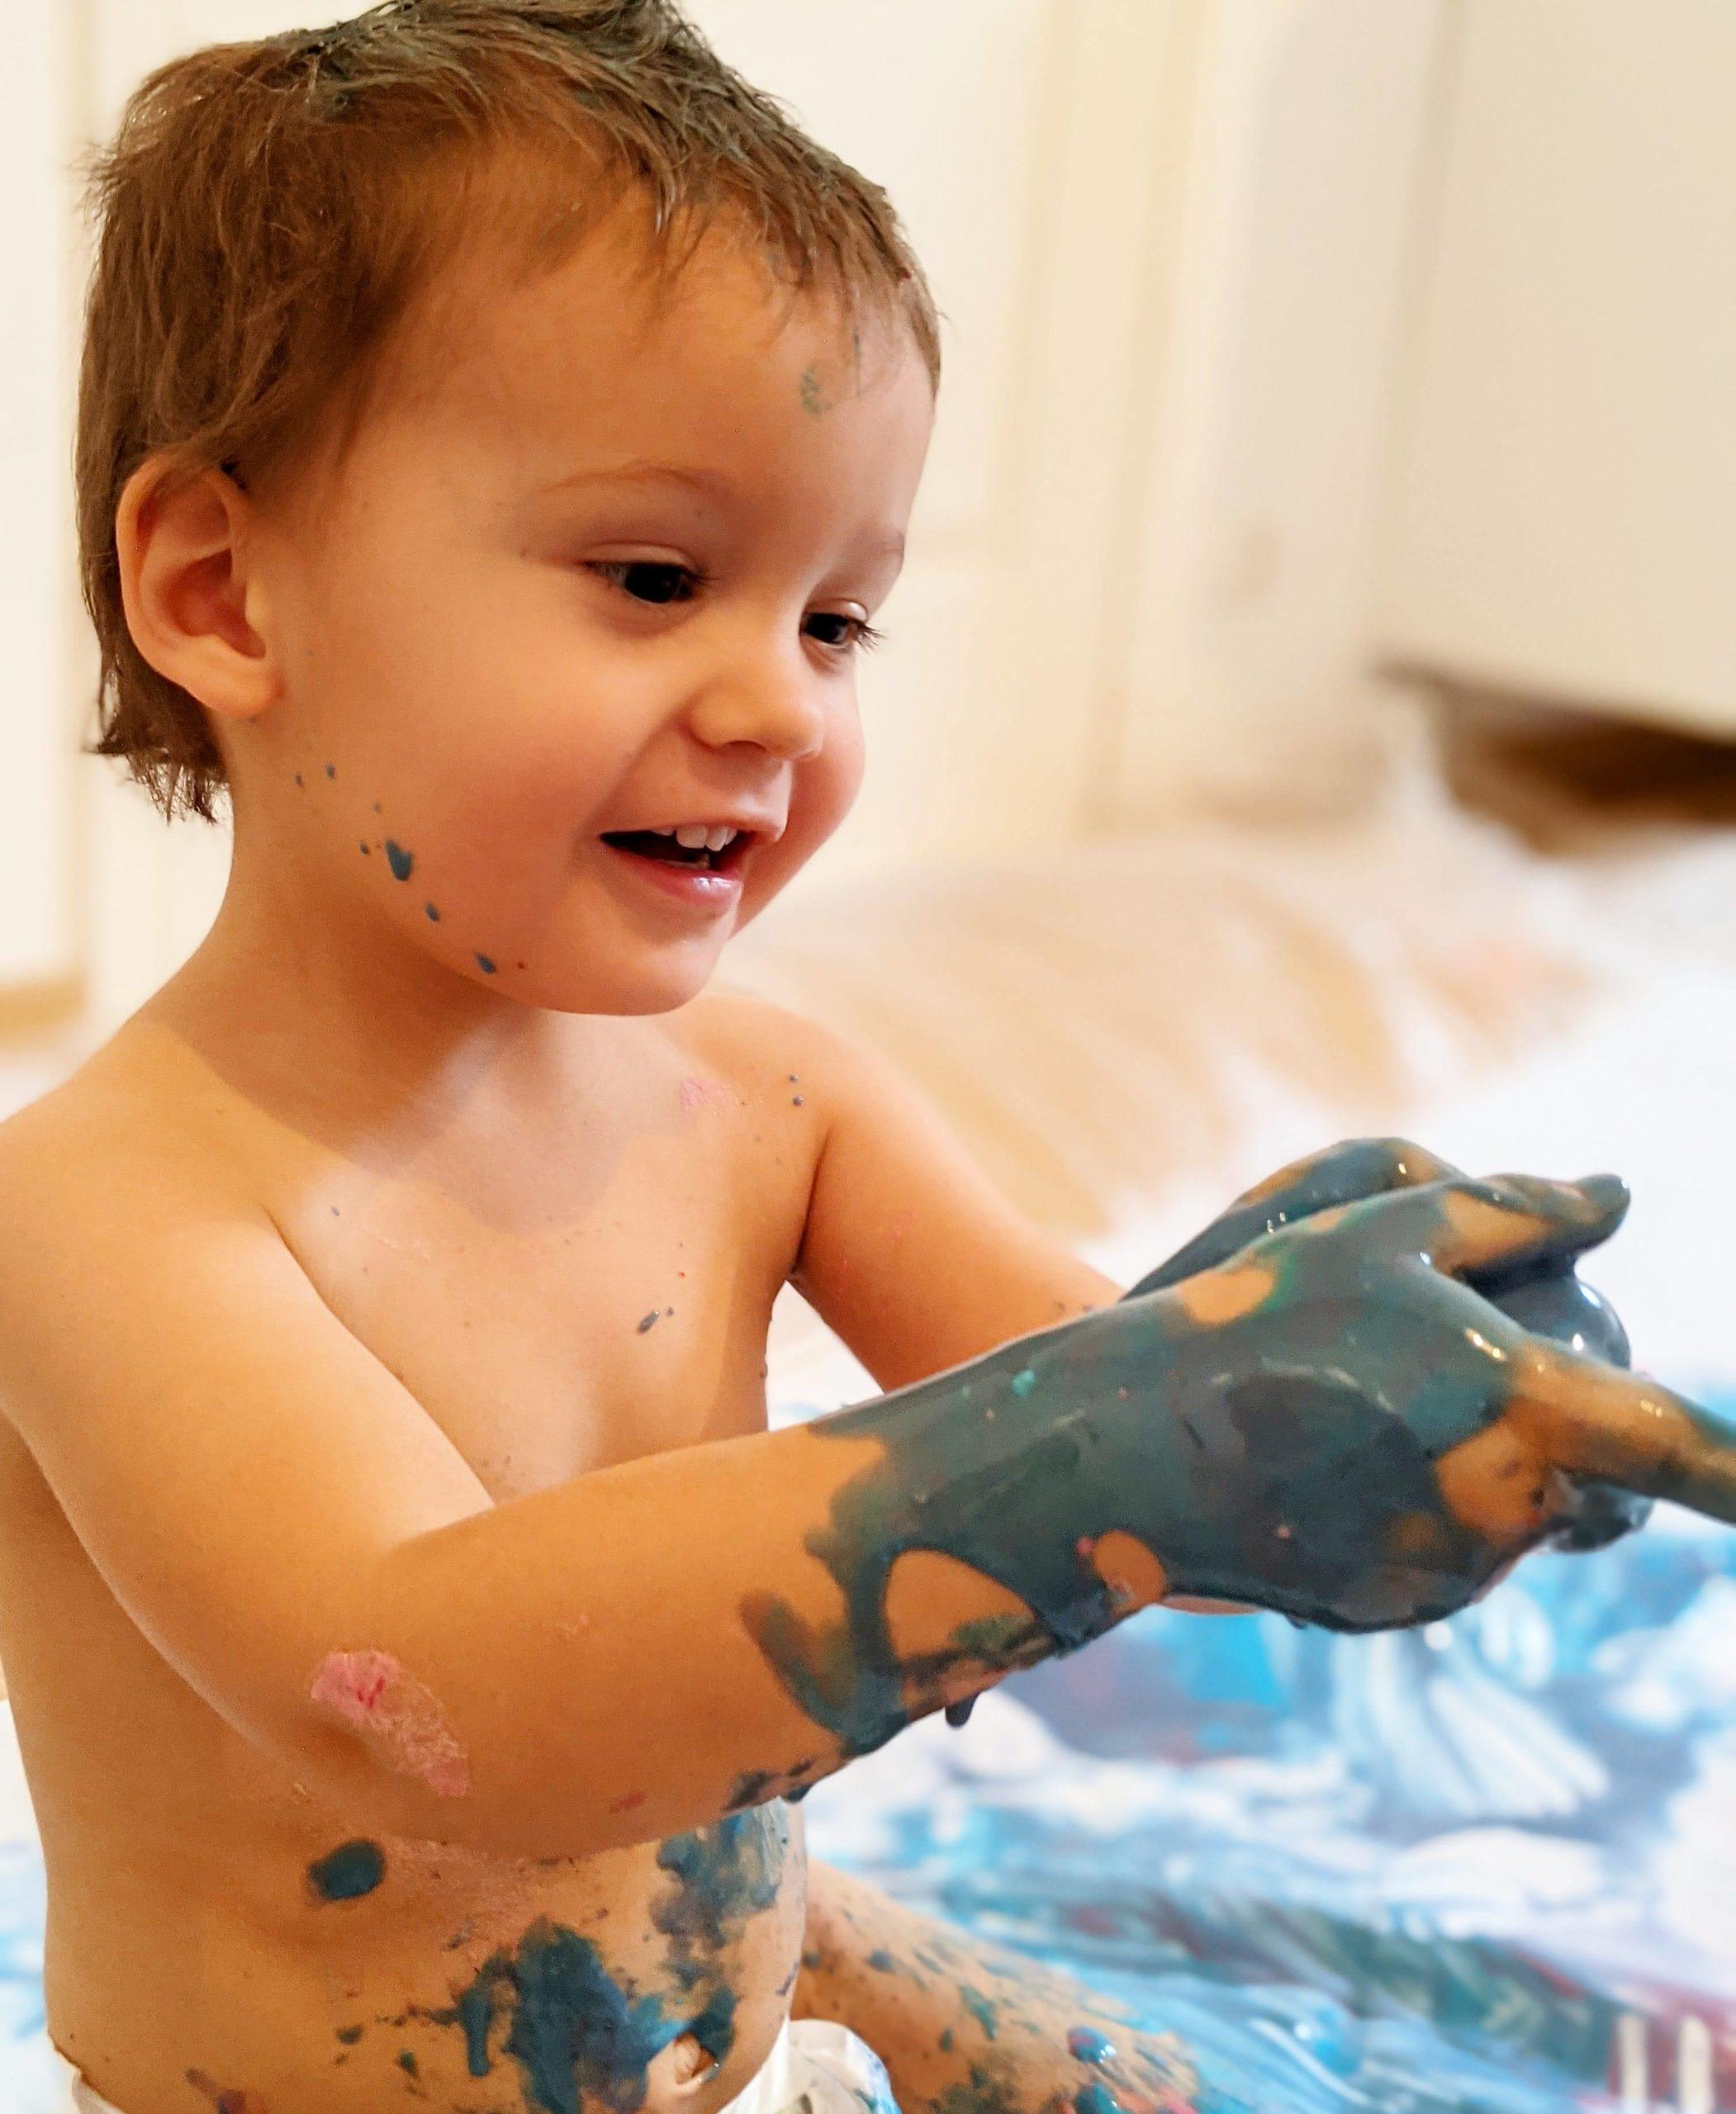 Le 28/05, atelier de peinture bébé chez 123 SOLENE, 13001 – 9h30